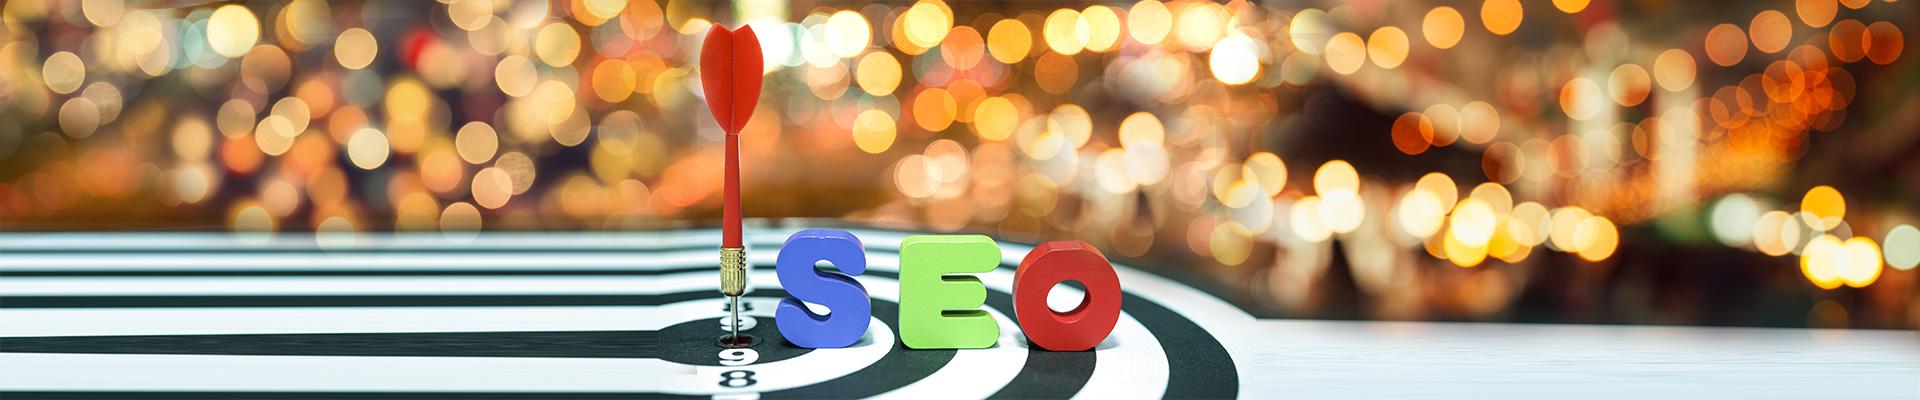 Pozycjonowanie SEO – kluczowy element przy budowie strony